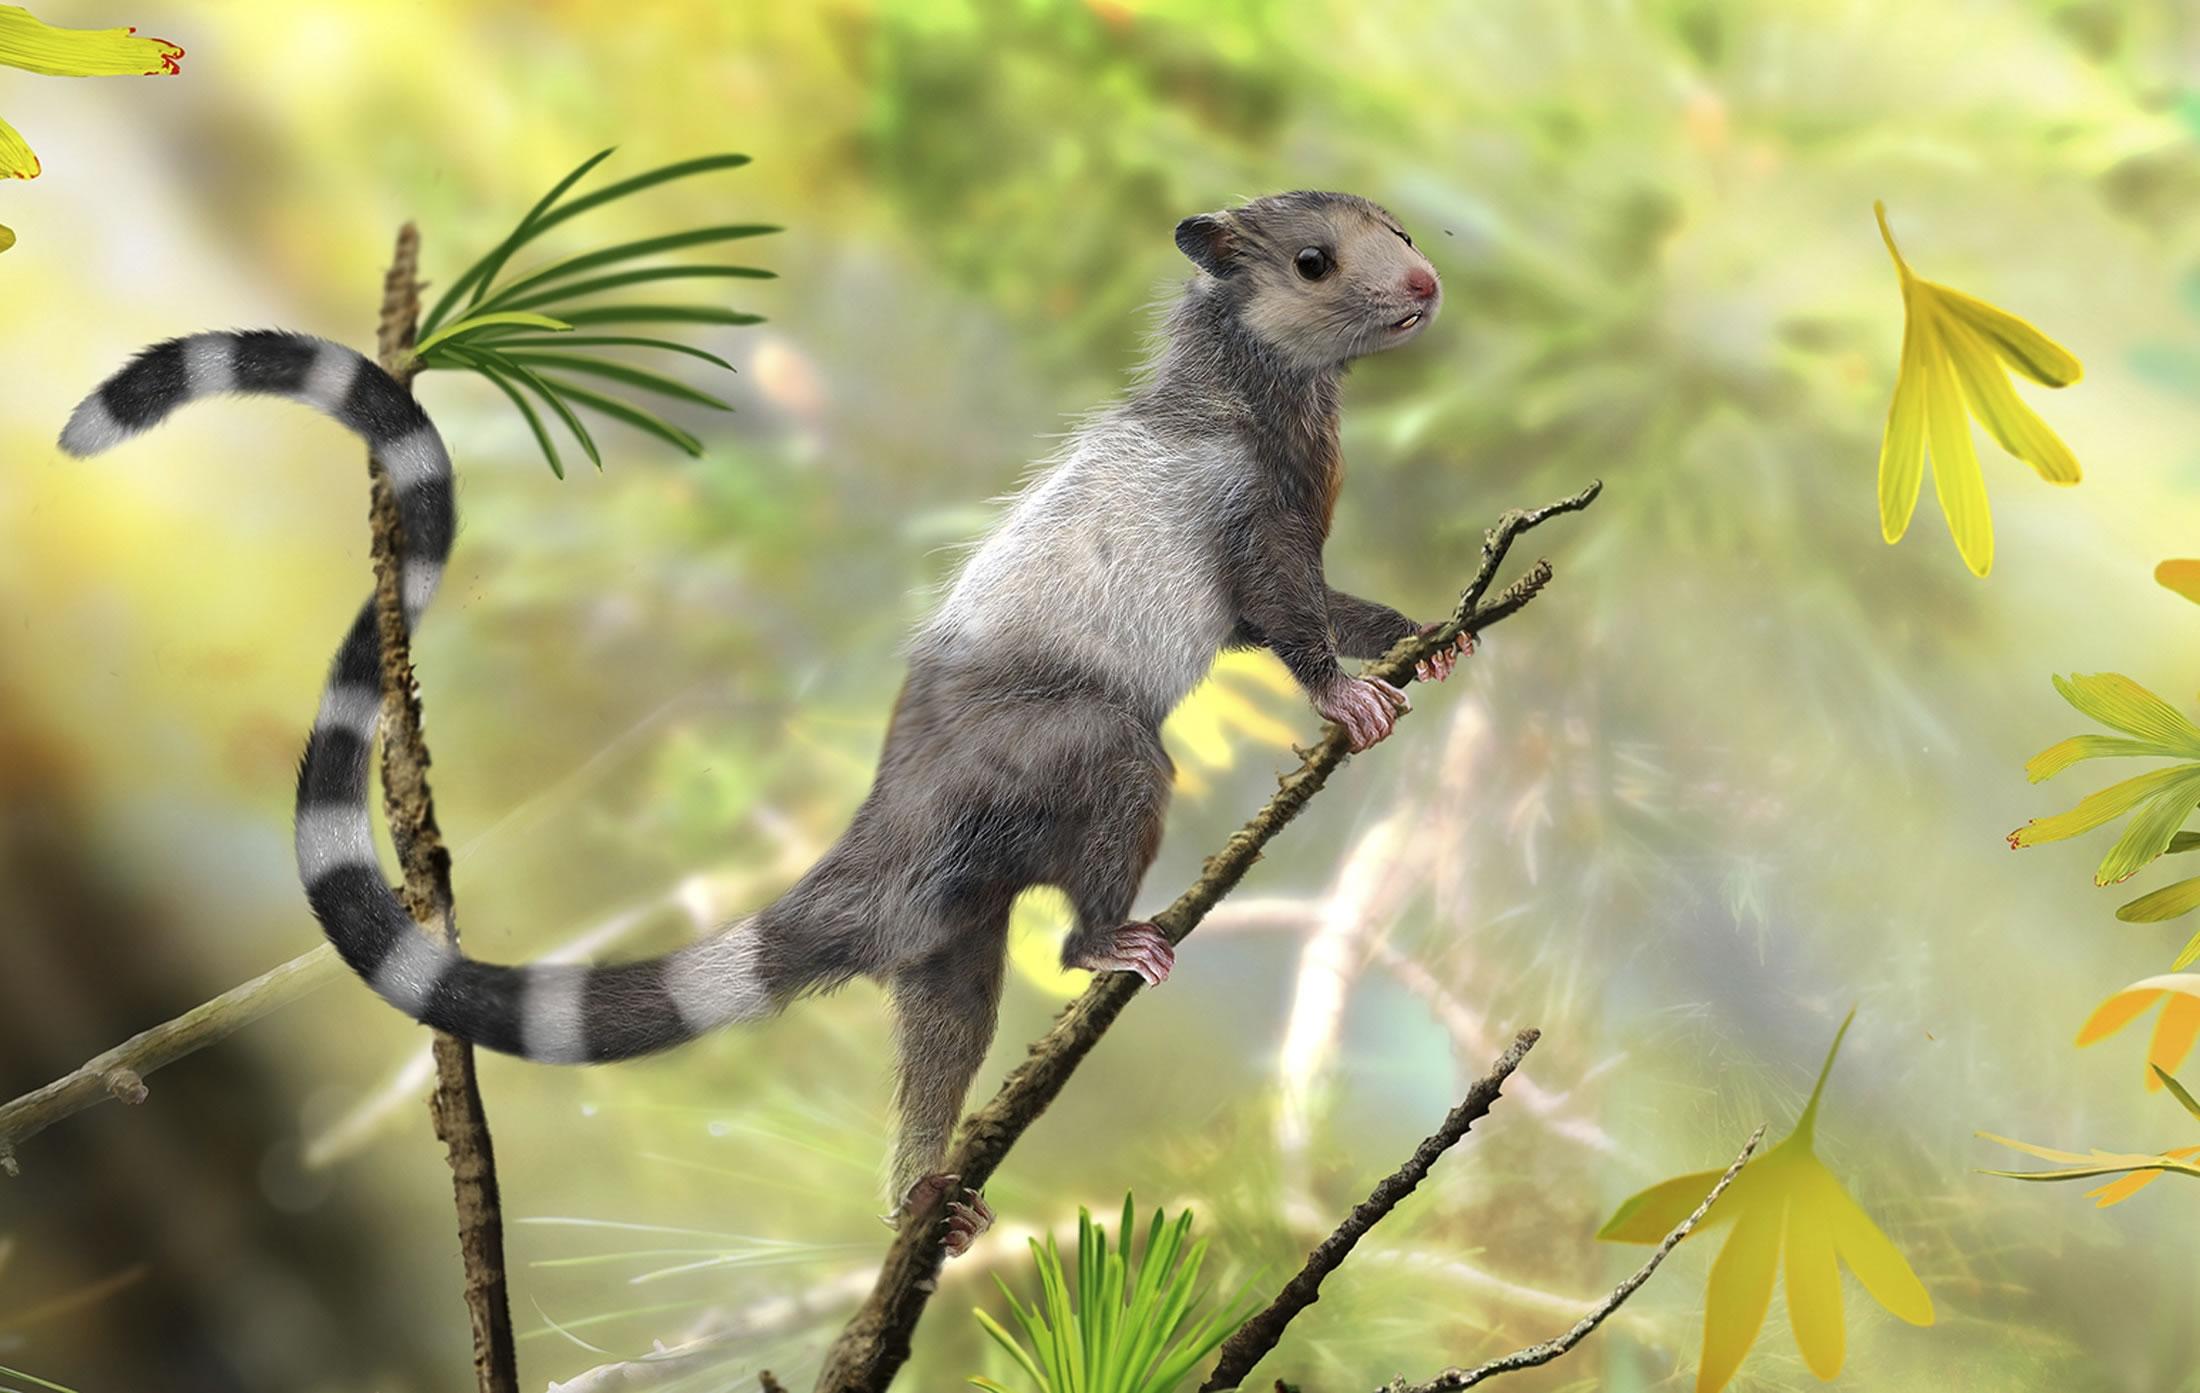 新近在辽宁省发现的3种大小与松鼠相当的小型动物化石显示哺乳动物早在大约2亿年前便已经出现在地球上。这是一张化石复原图,展示其中一种哺乳动物:宋氏仙兽生前可能的样